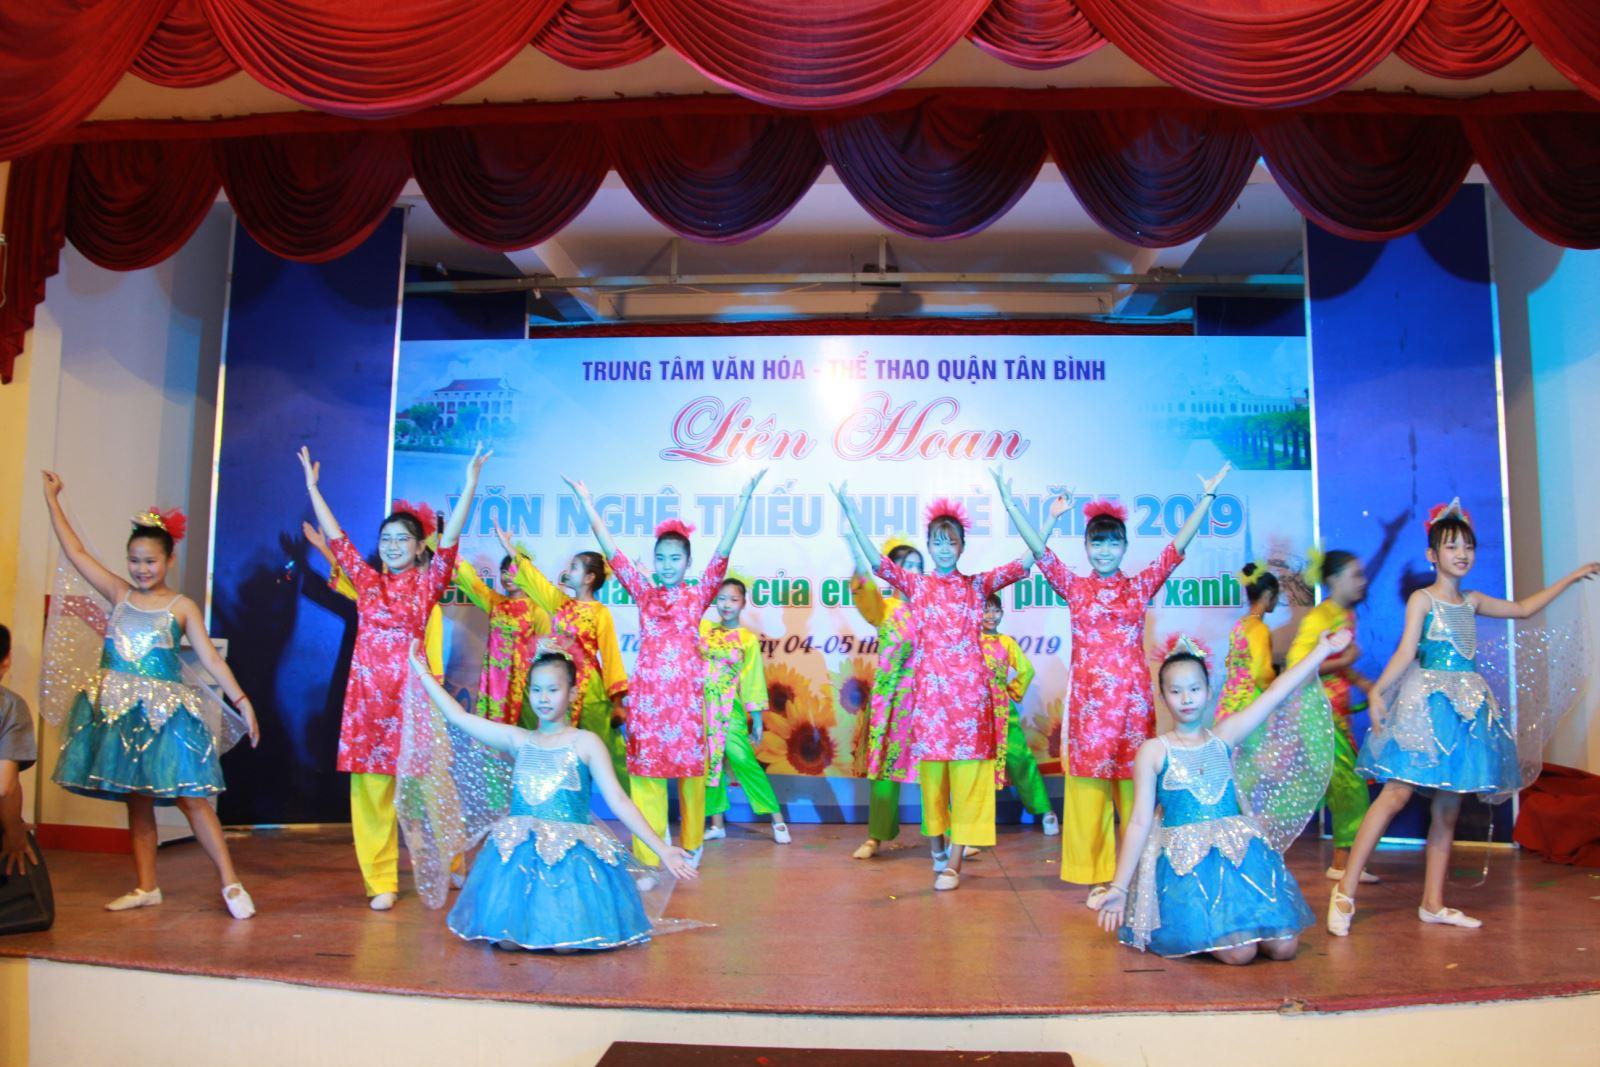 Liên hoan Văn nghệ thiếu nhi hè quận Tân Bình năm 2019